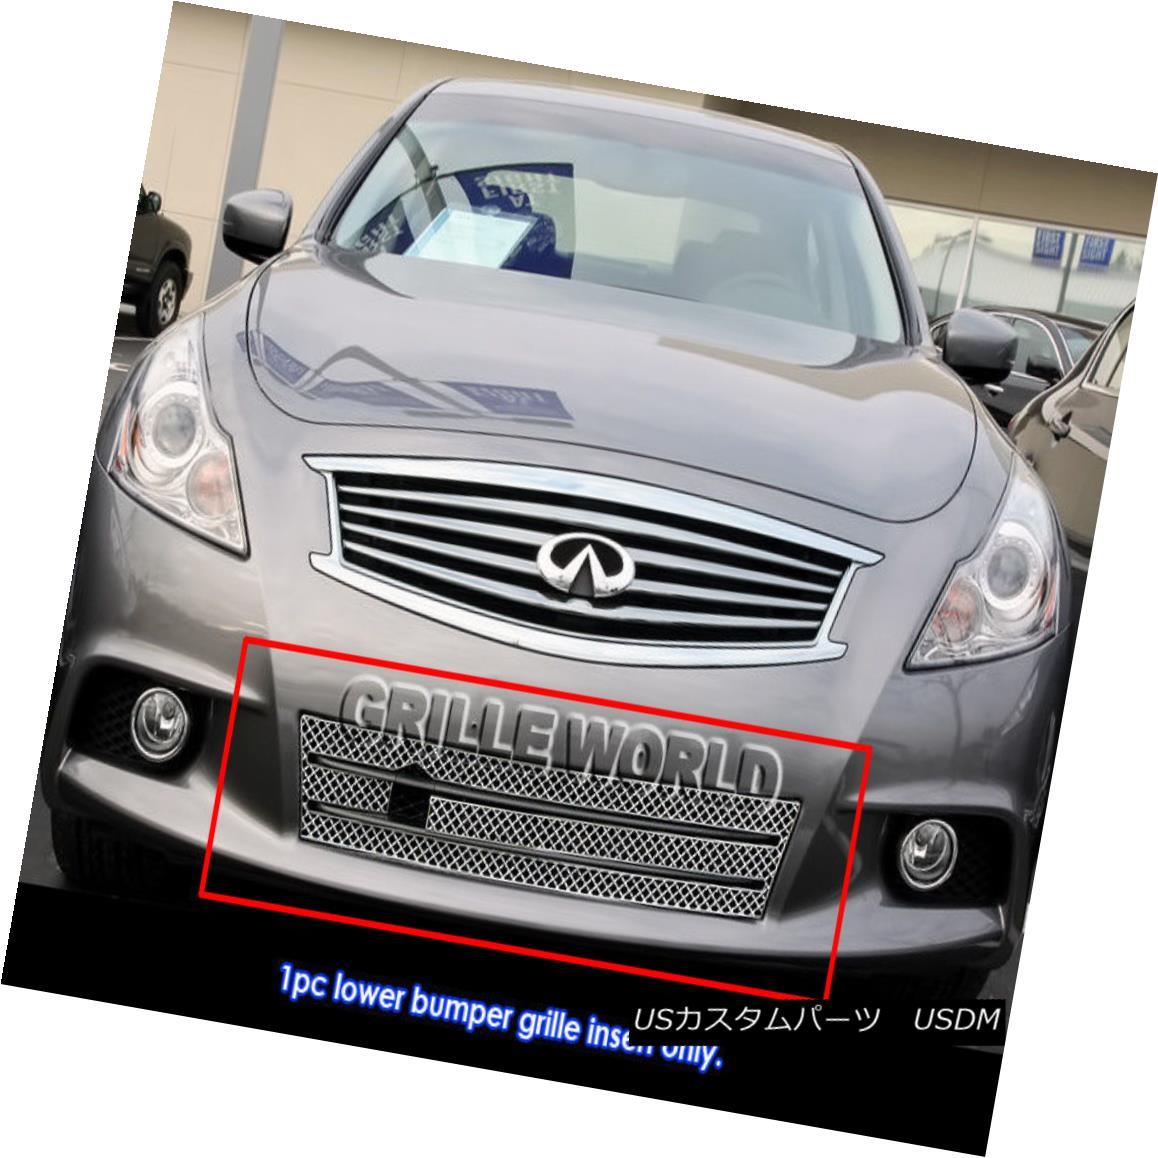 グリル For 2011-2012 Infiniti G25/G37 Sedan Bumper Chrome X Mesh Grille Grill Insert インフィニティG25 / G37セダンバンパークロムXメッシュグリルグリルインサート